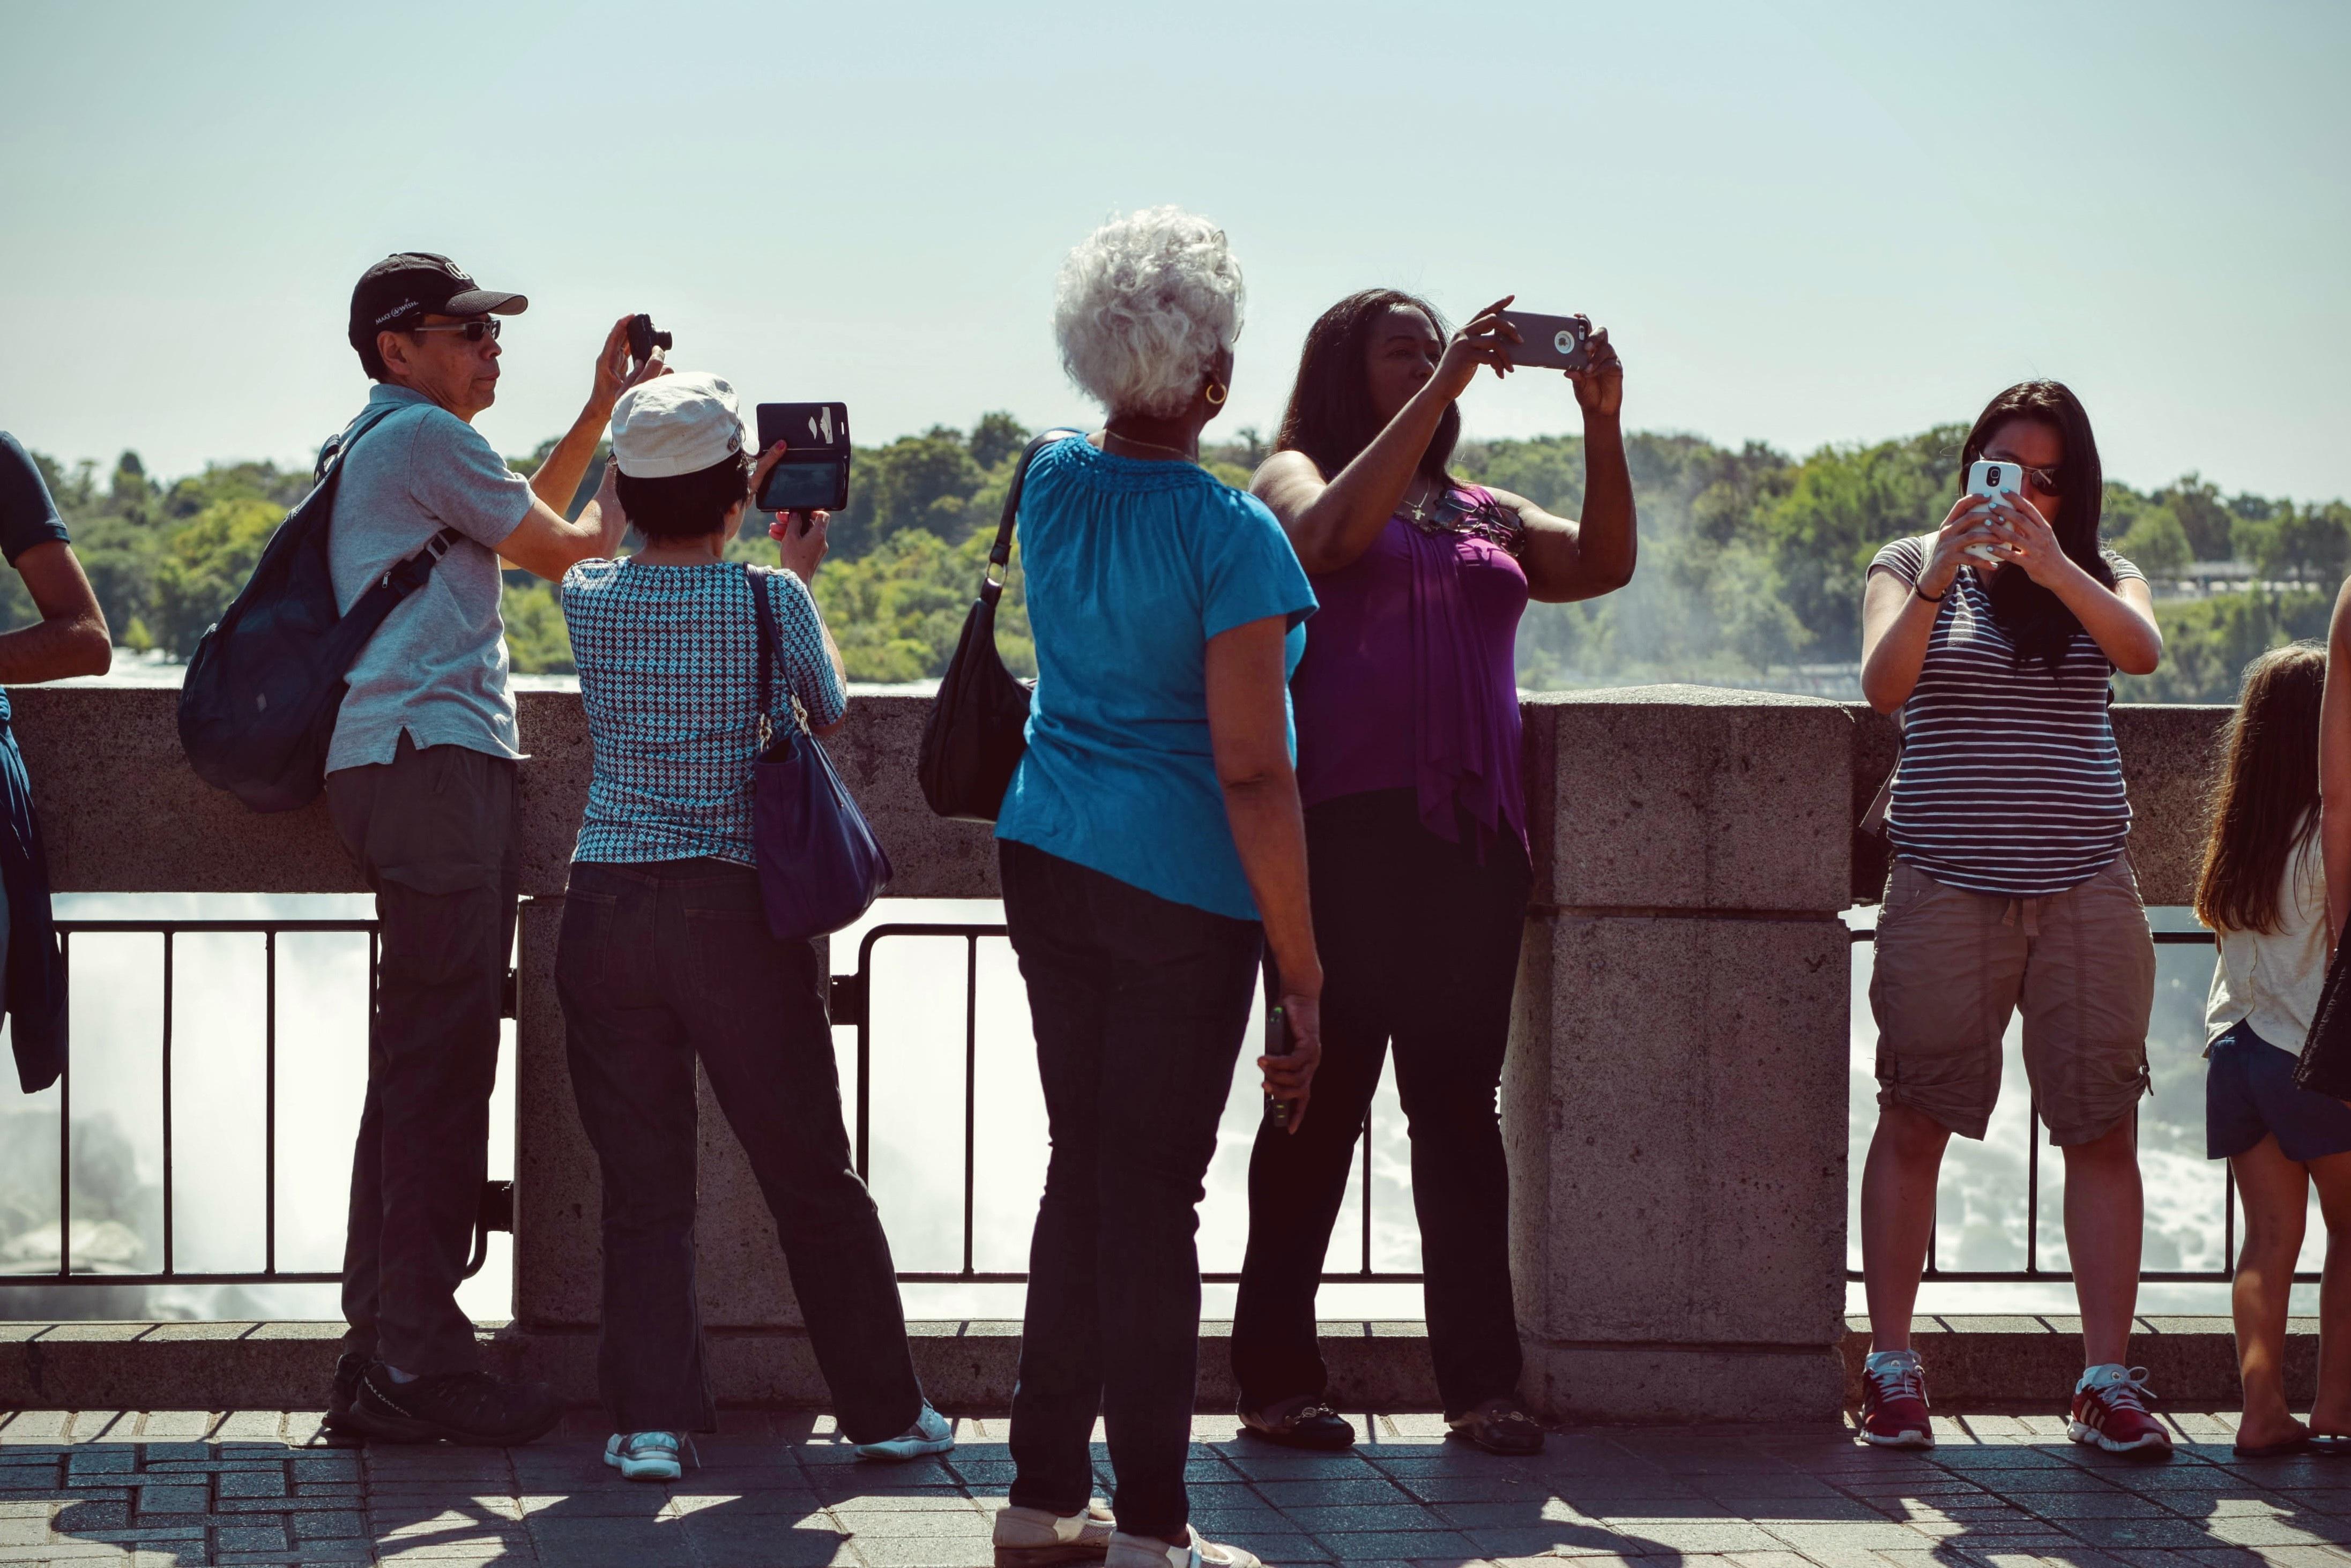 Česko loni navštívil rekordní počet turistů, odjížděli spokojeni